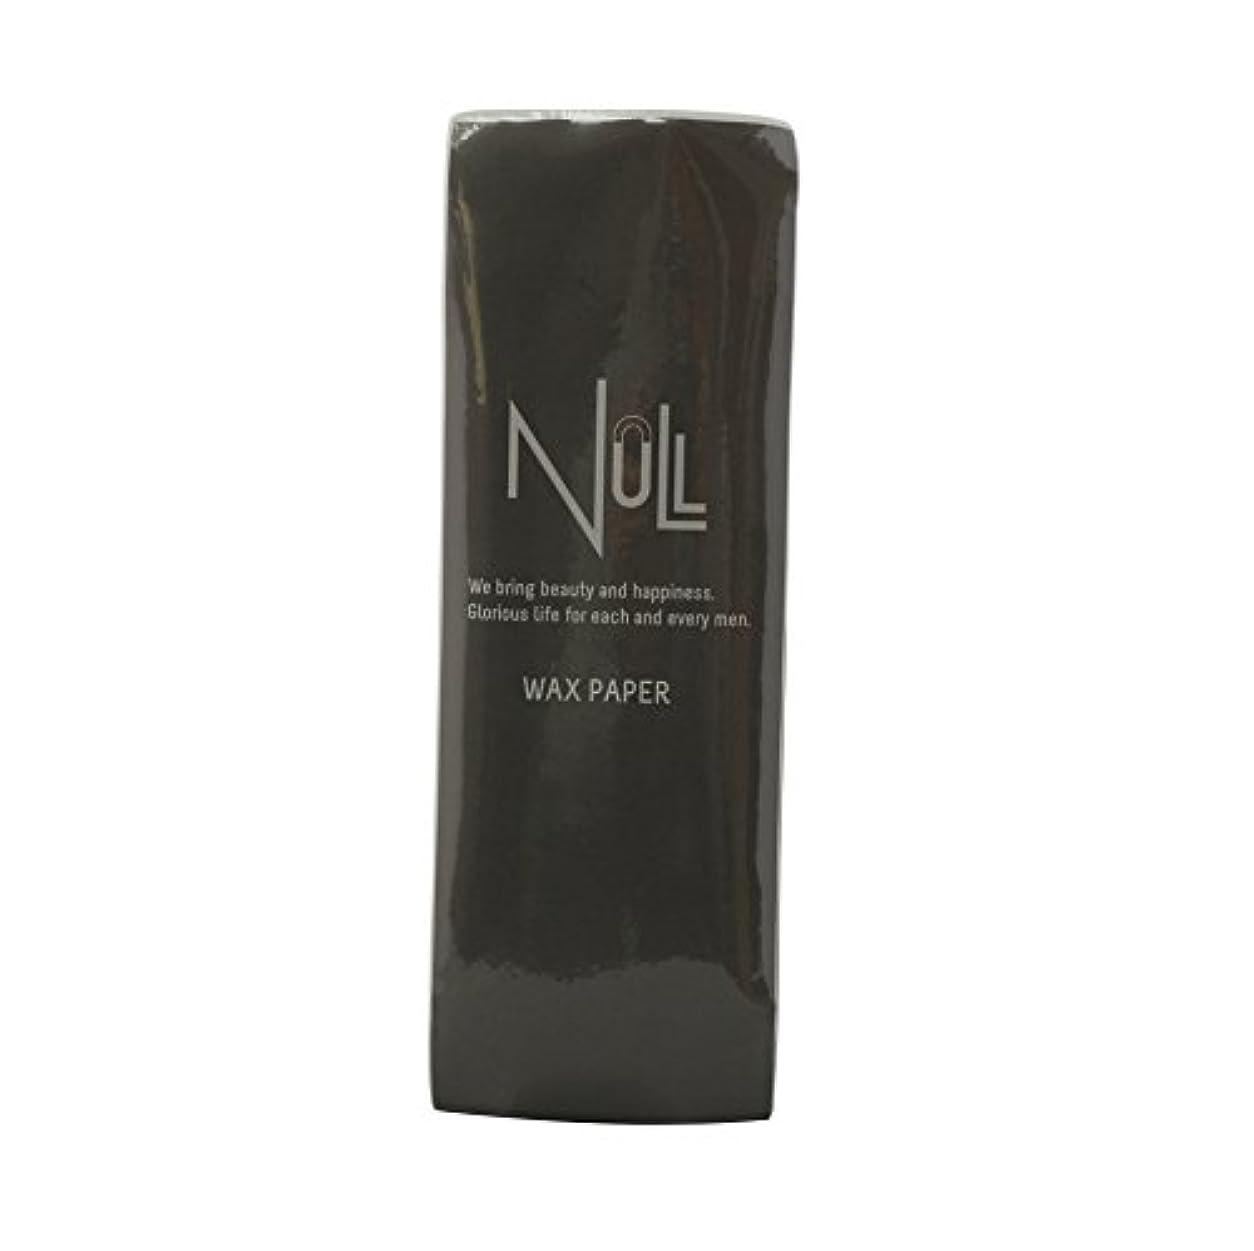 エキゾチック扱いやすい是正するNULL ブラジリアンワックス用ペーパー 100枚入り 70mm幅 ワックス脱毛 専用